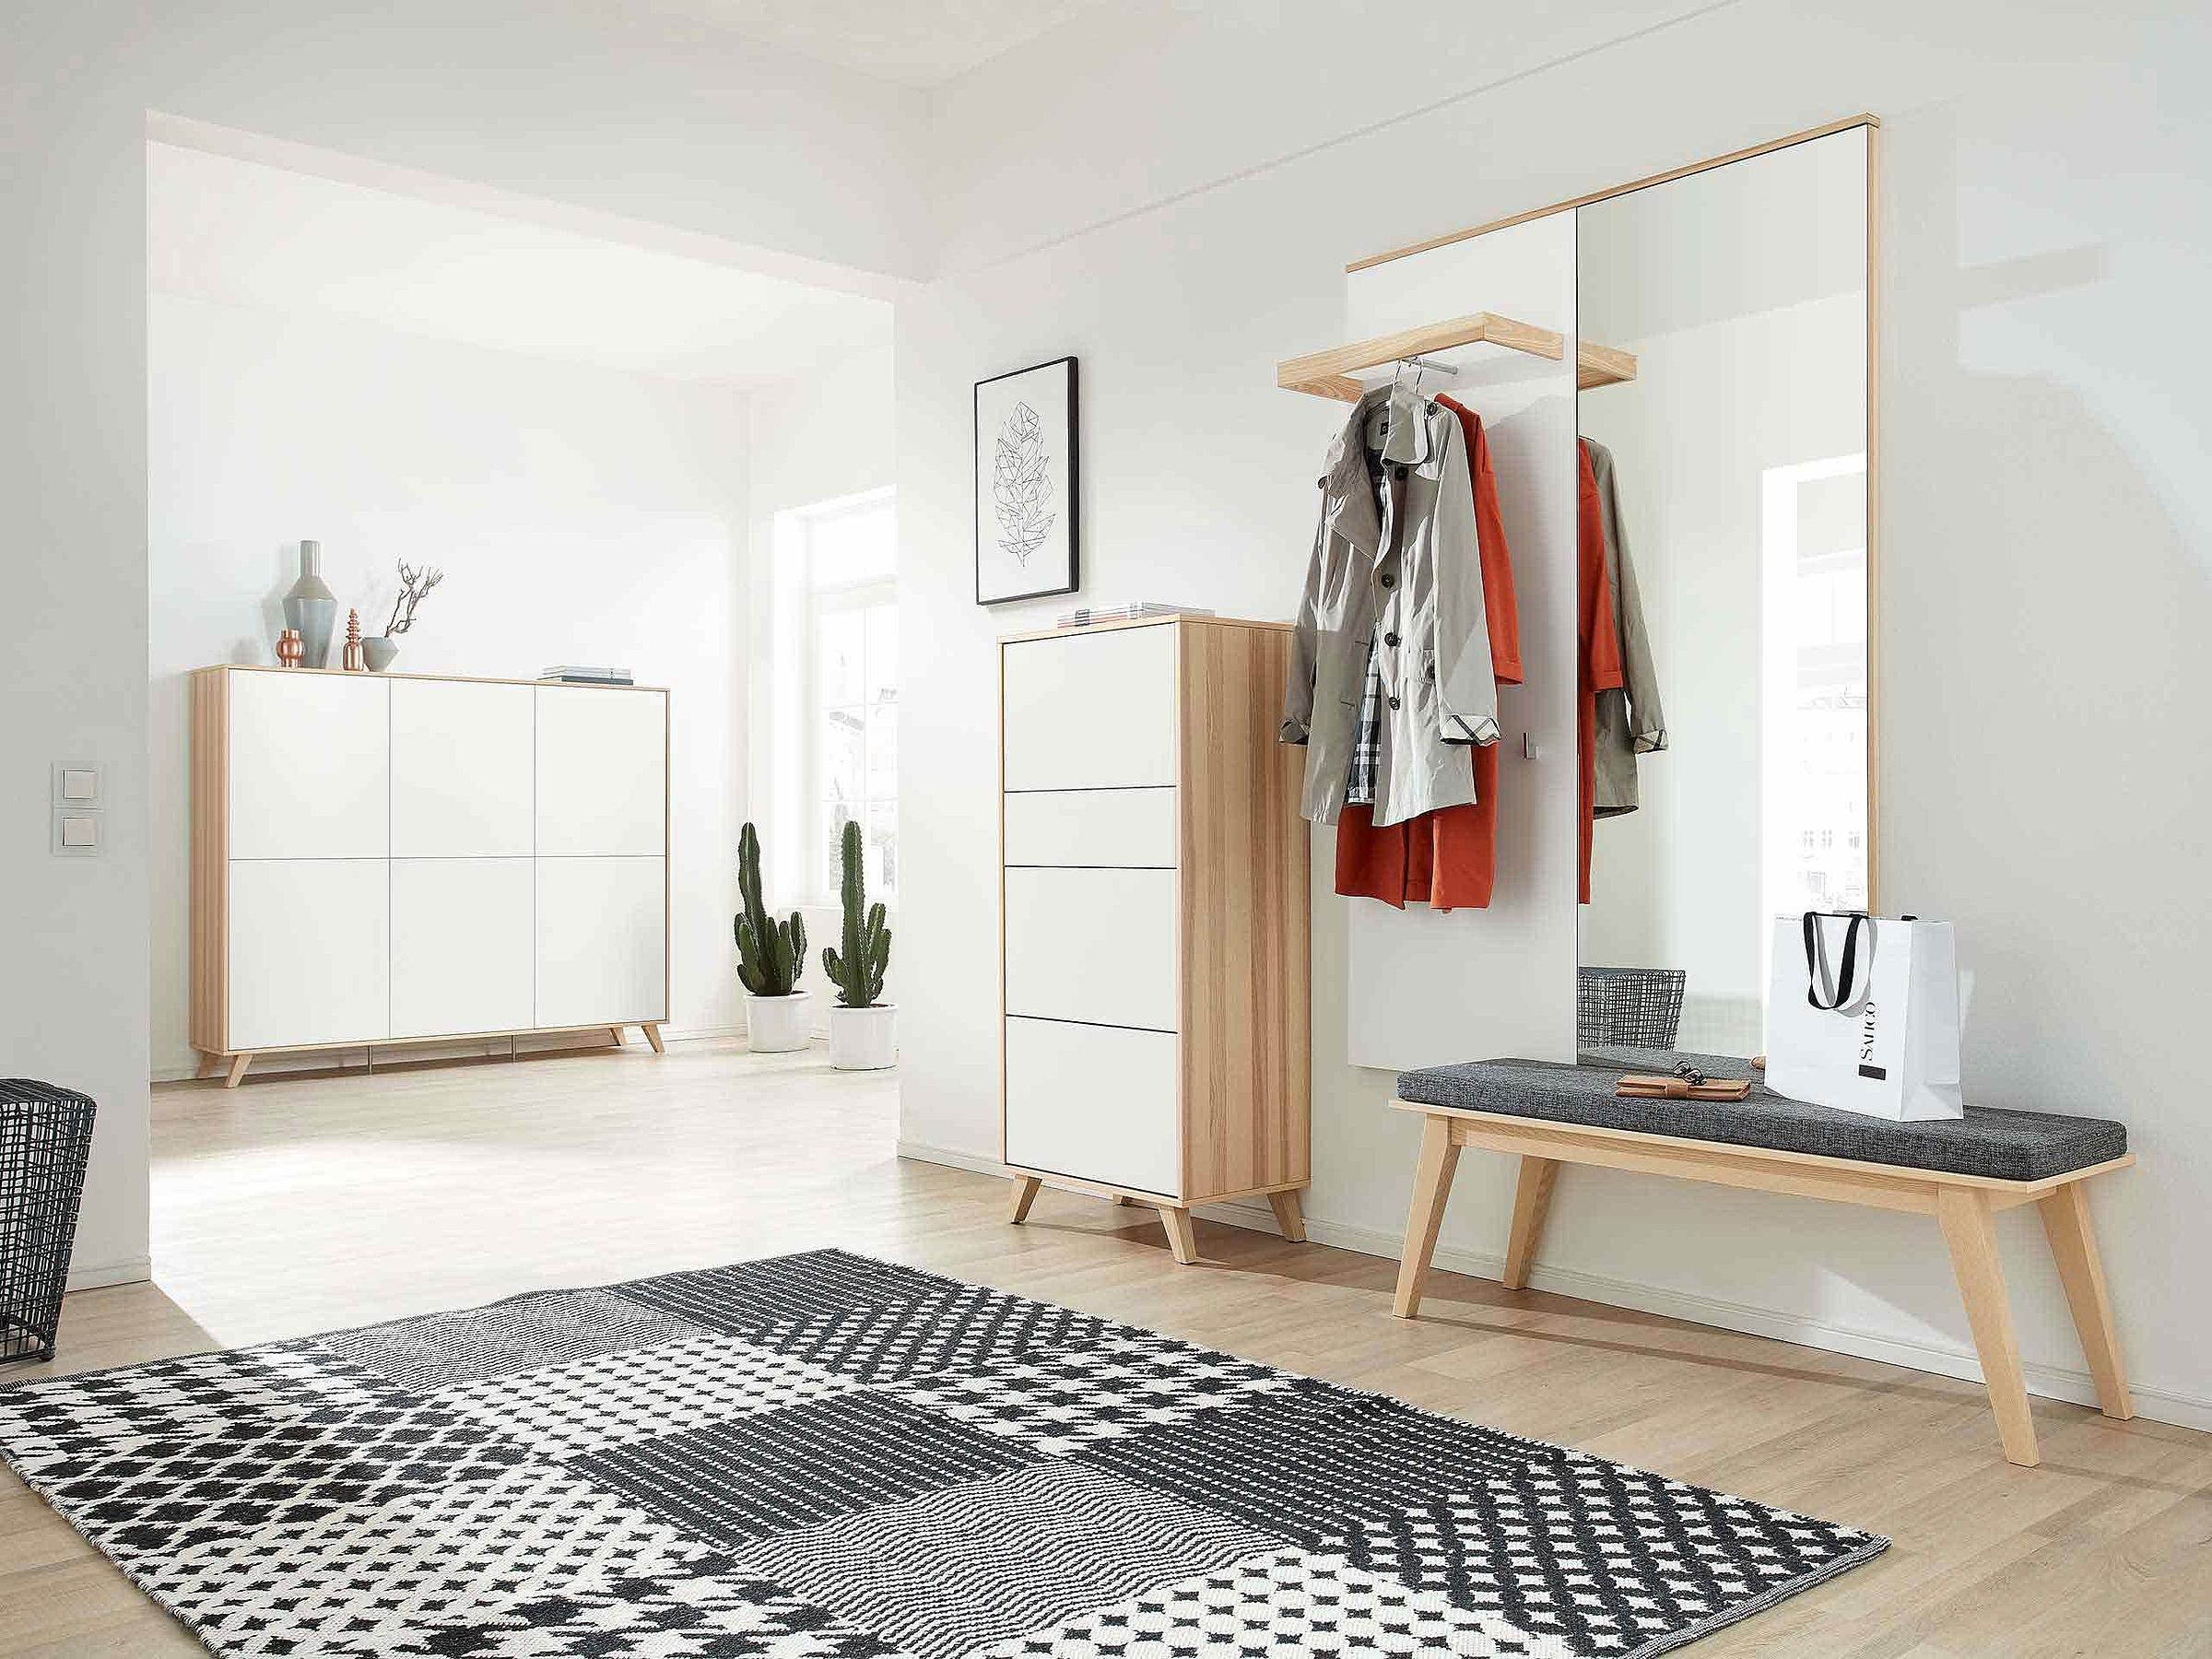 Schuhschrank Sitzbank Spiegel Garderobenpaneel Garderobe Deviso Lack weiß